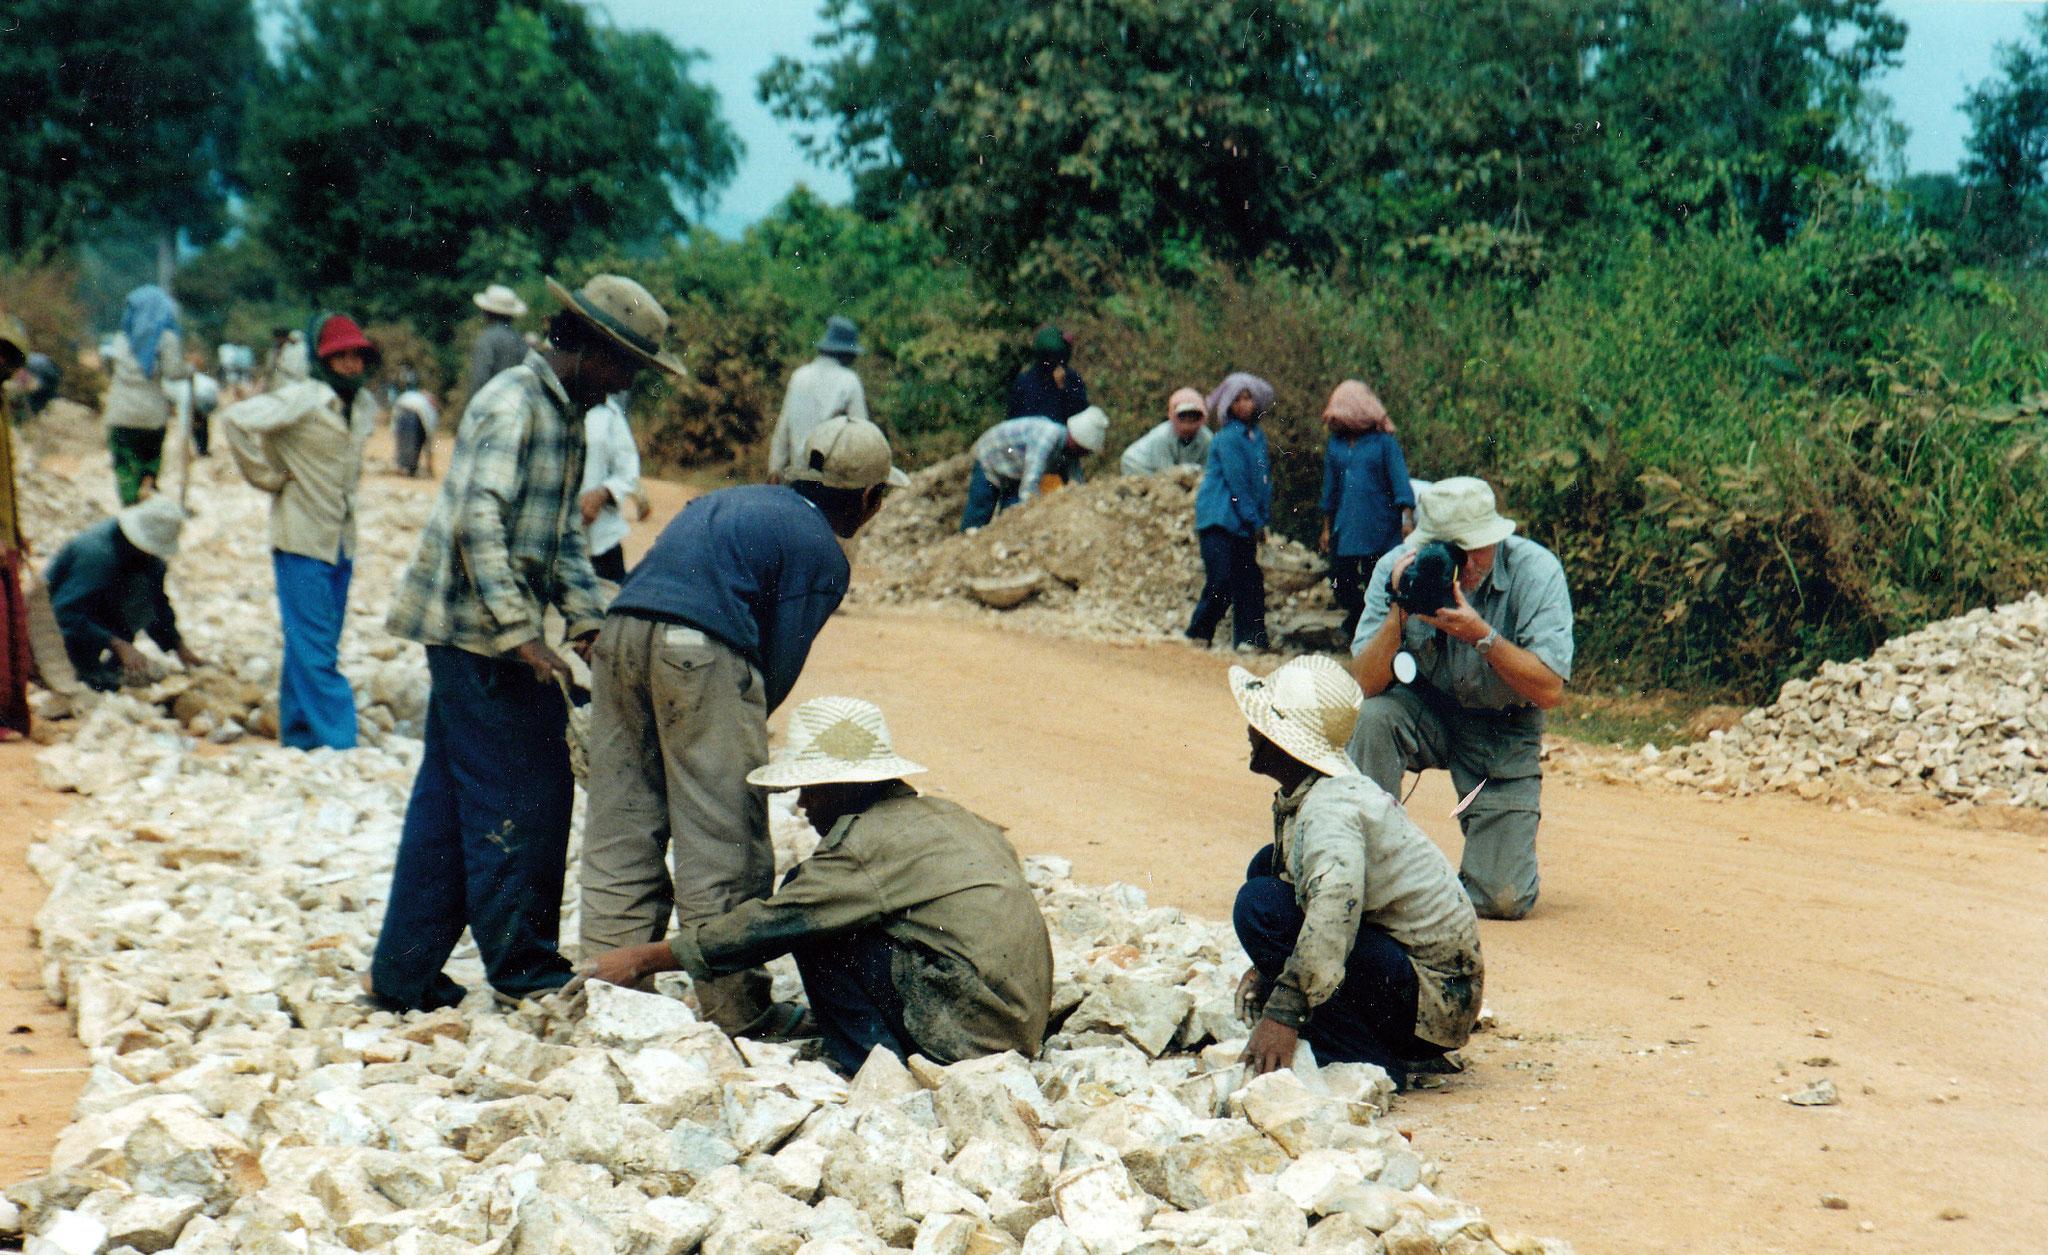 Kambodscha, Handarbeit an der Straße